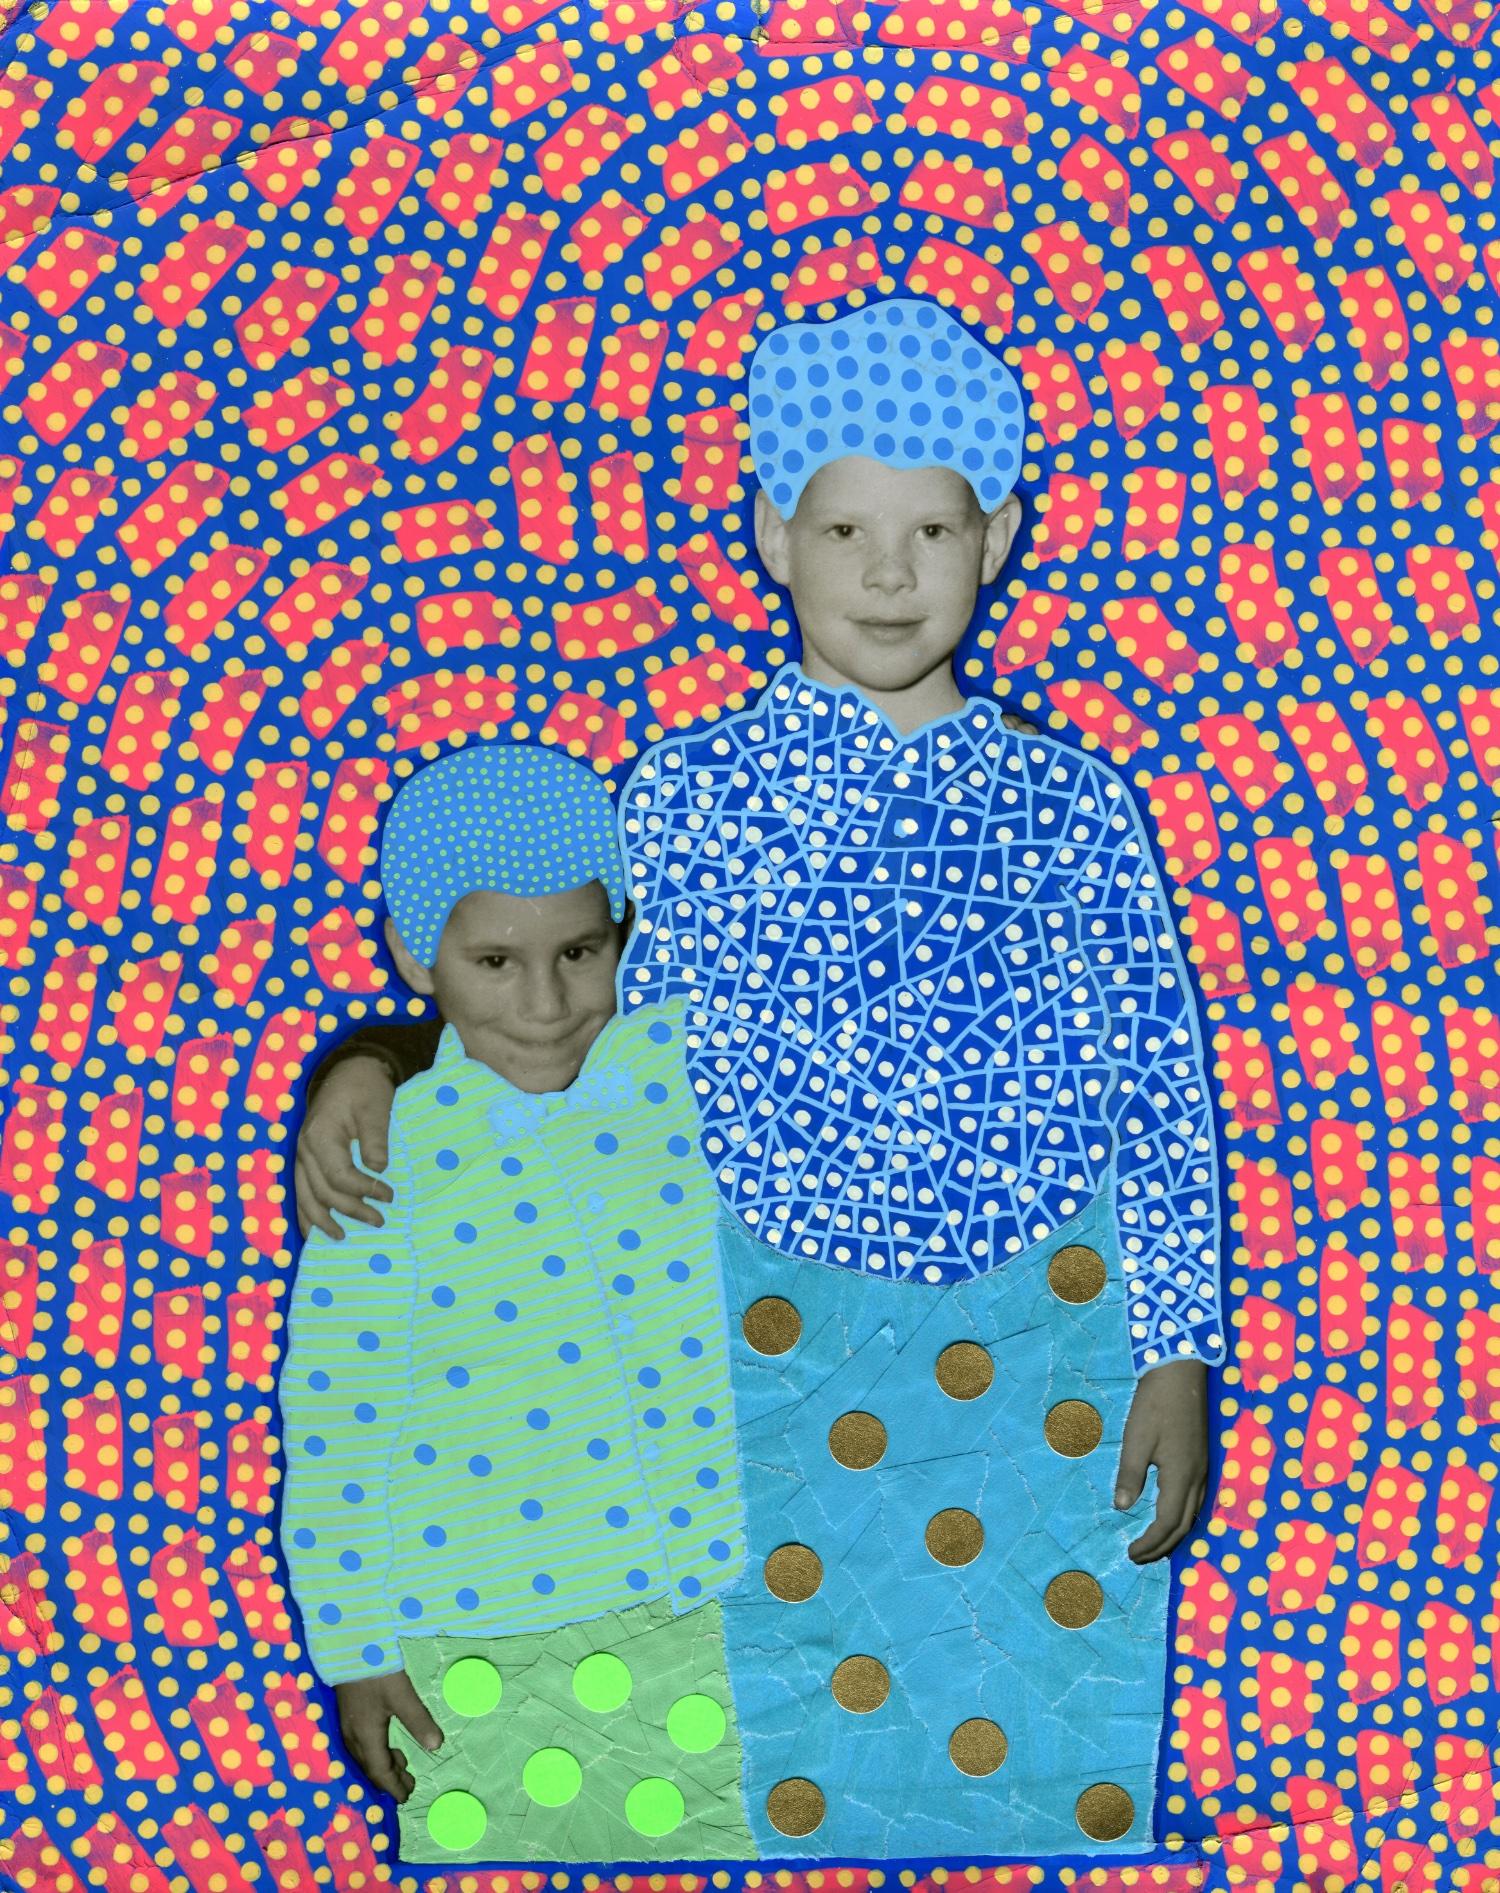 Altered kids hugging each other portrait.